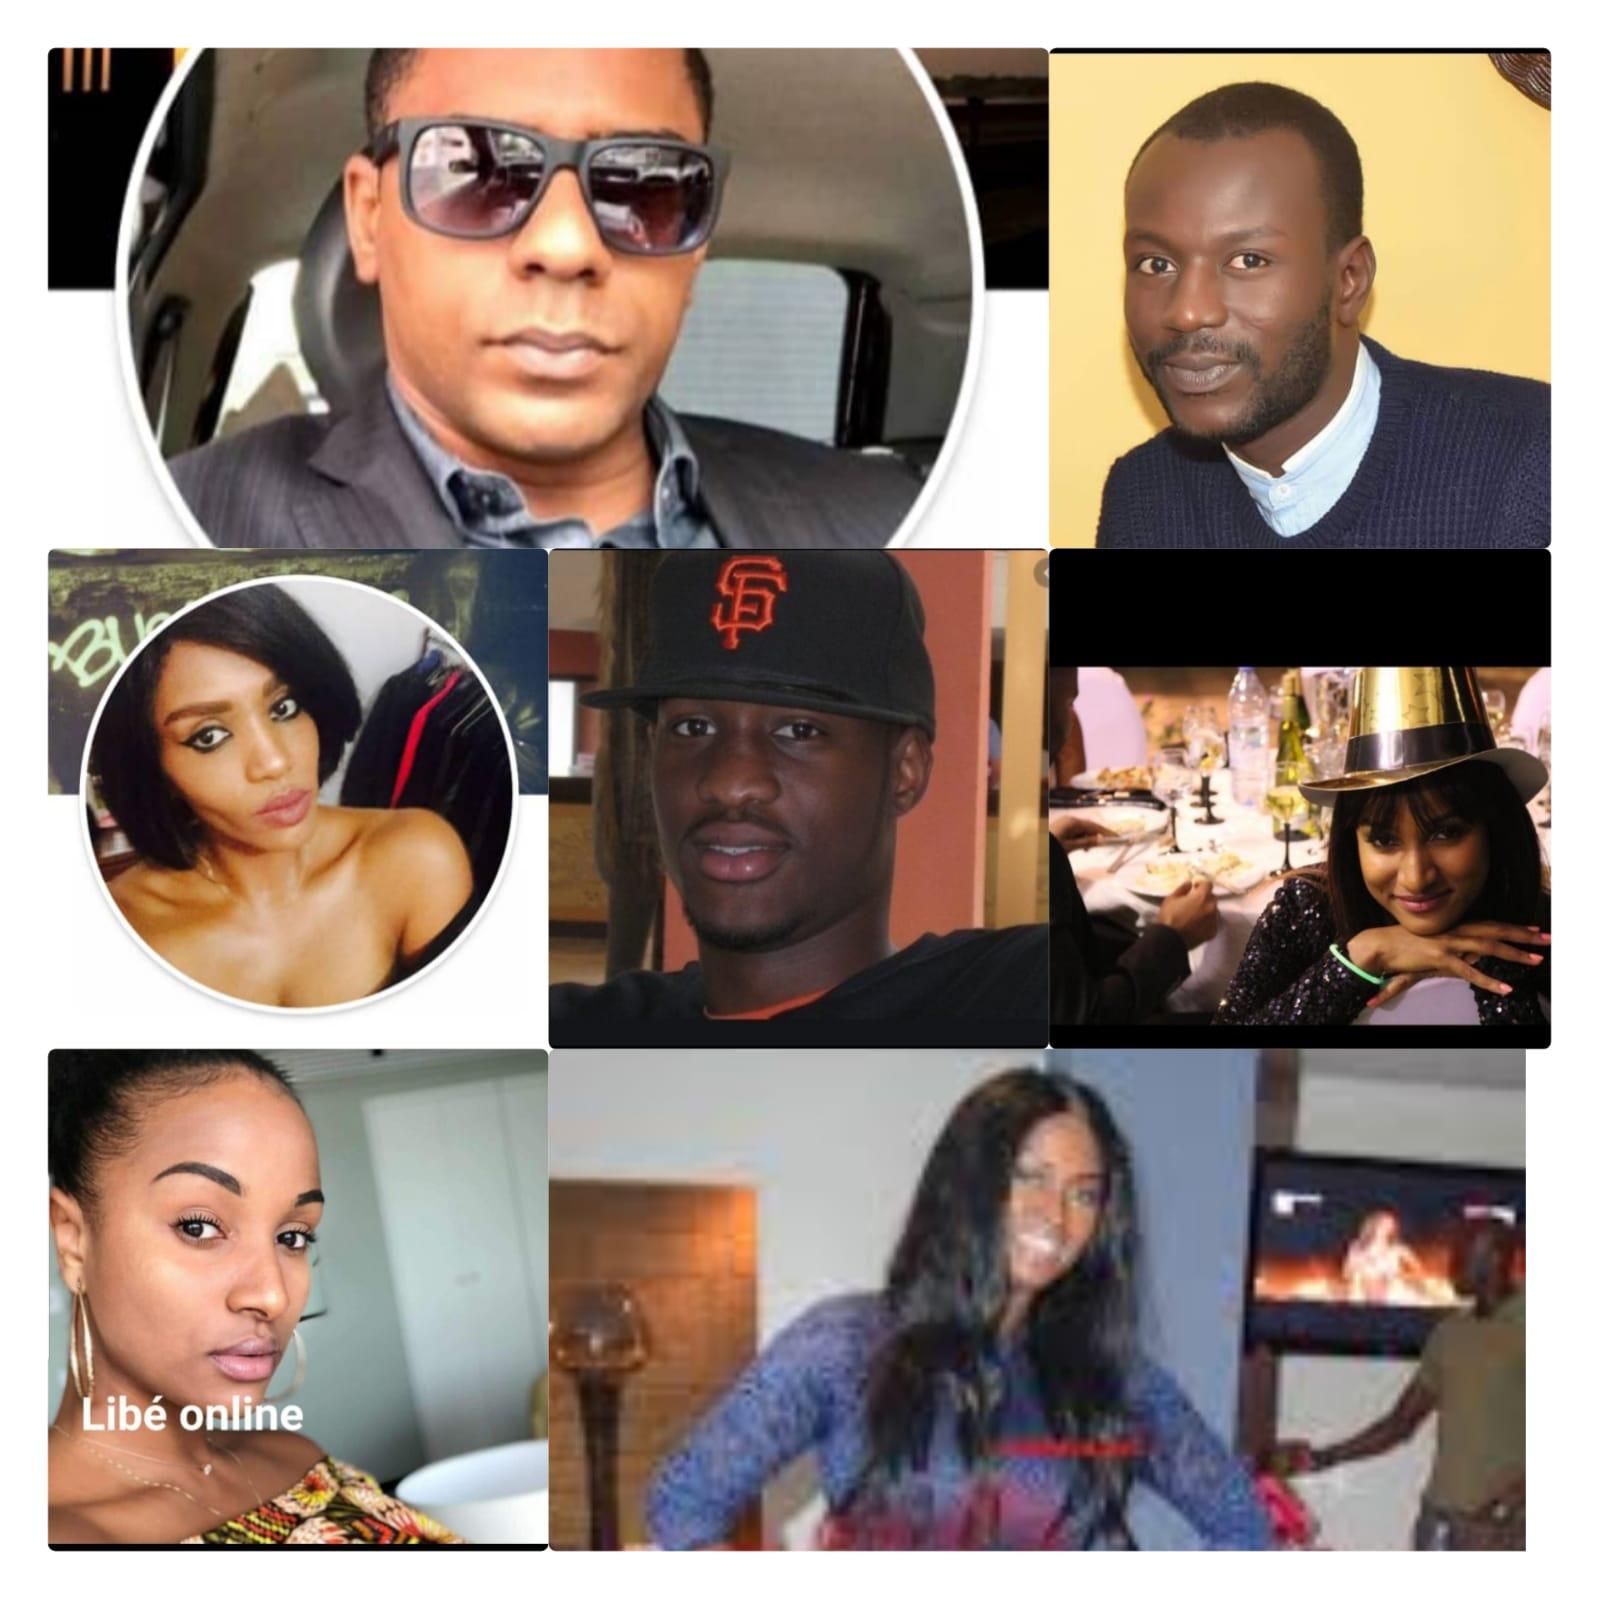 VIDÉO: Voici les personnes impliquées dans la mort atroce de la jet-setteuse Hiba Thiam dans l'appartement meublé de l'immeuble Garden